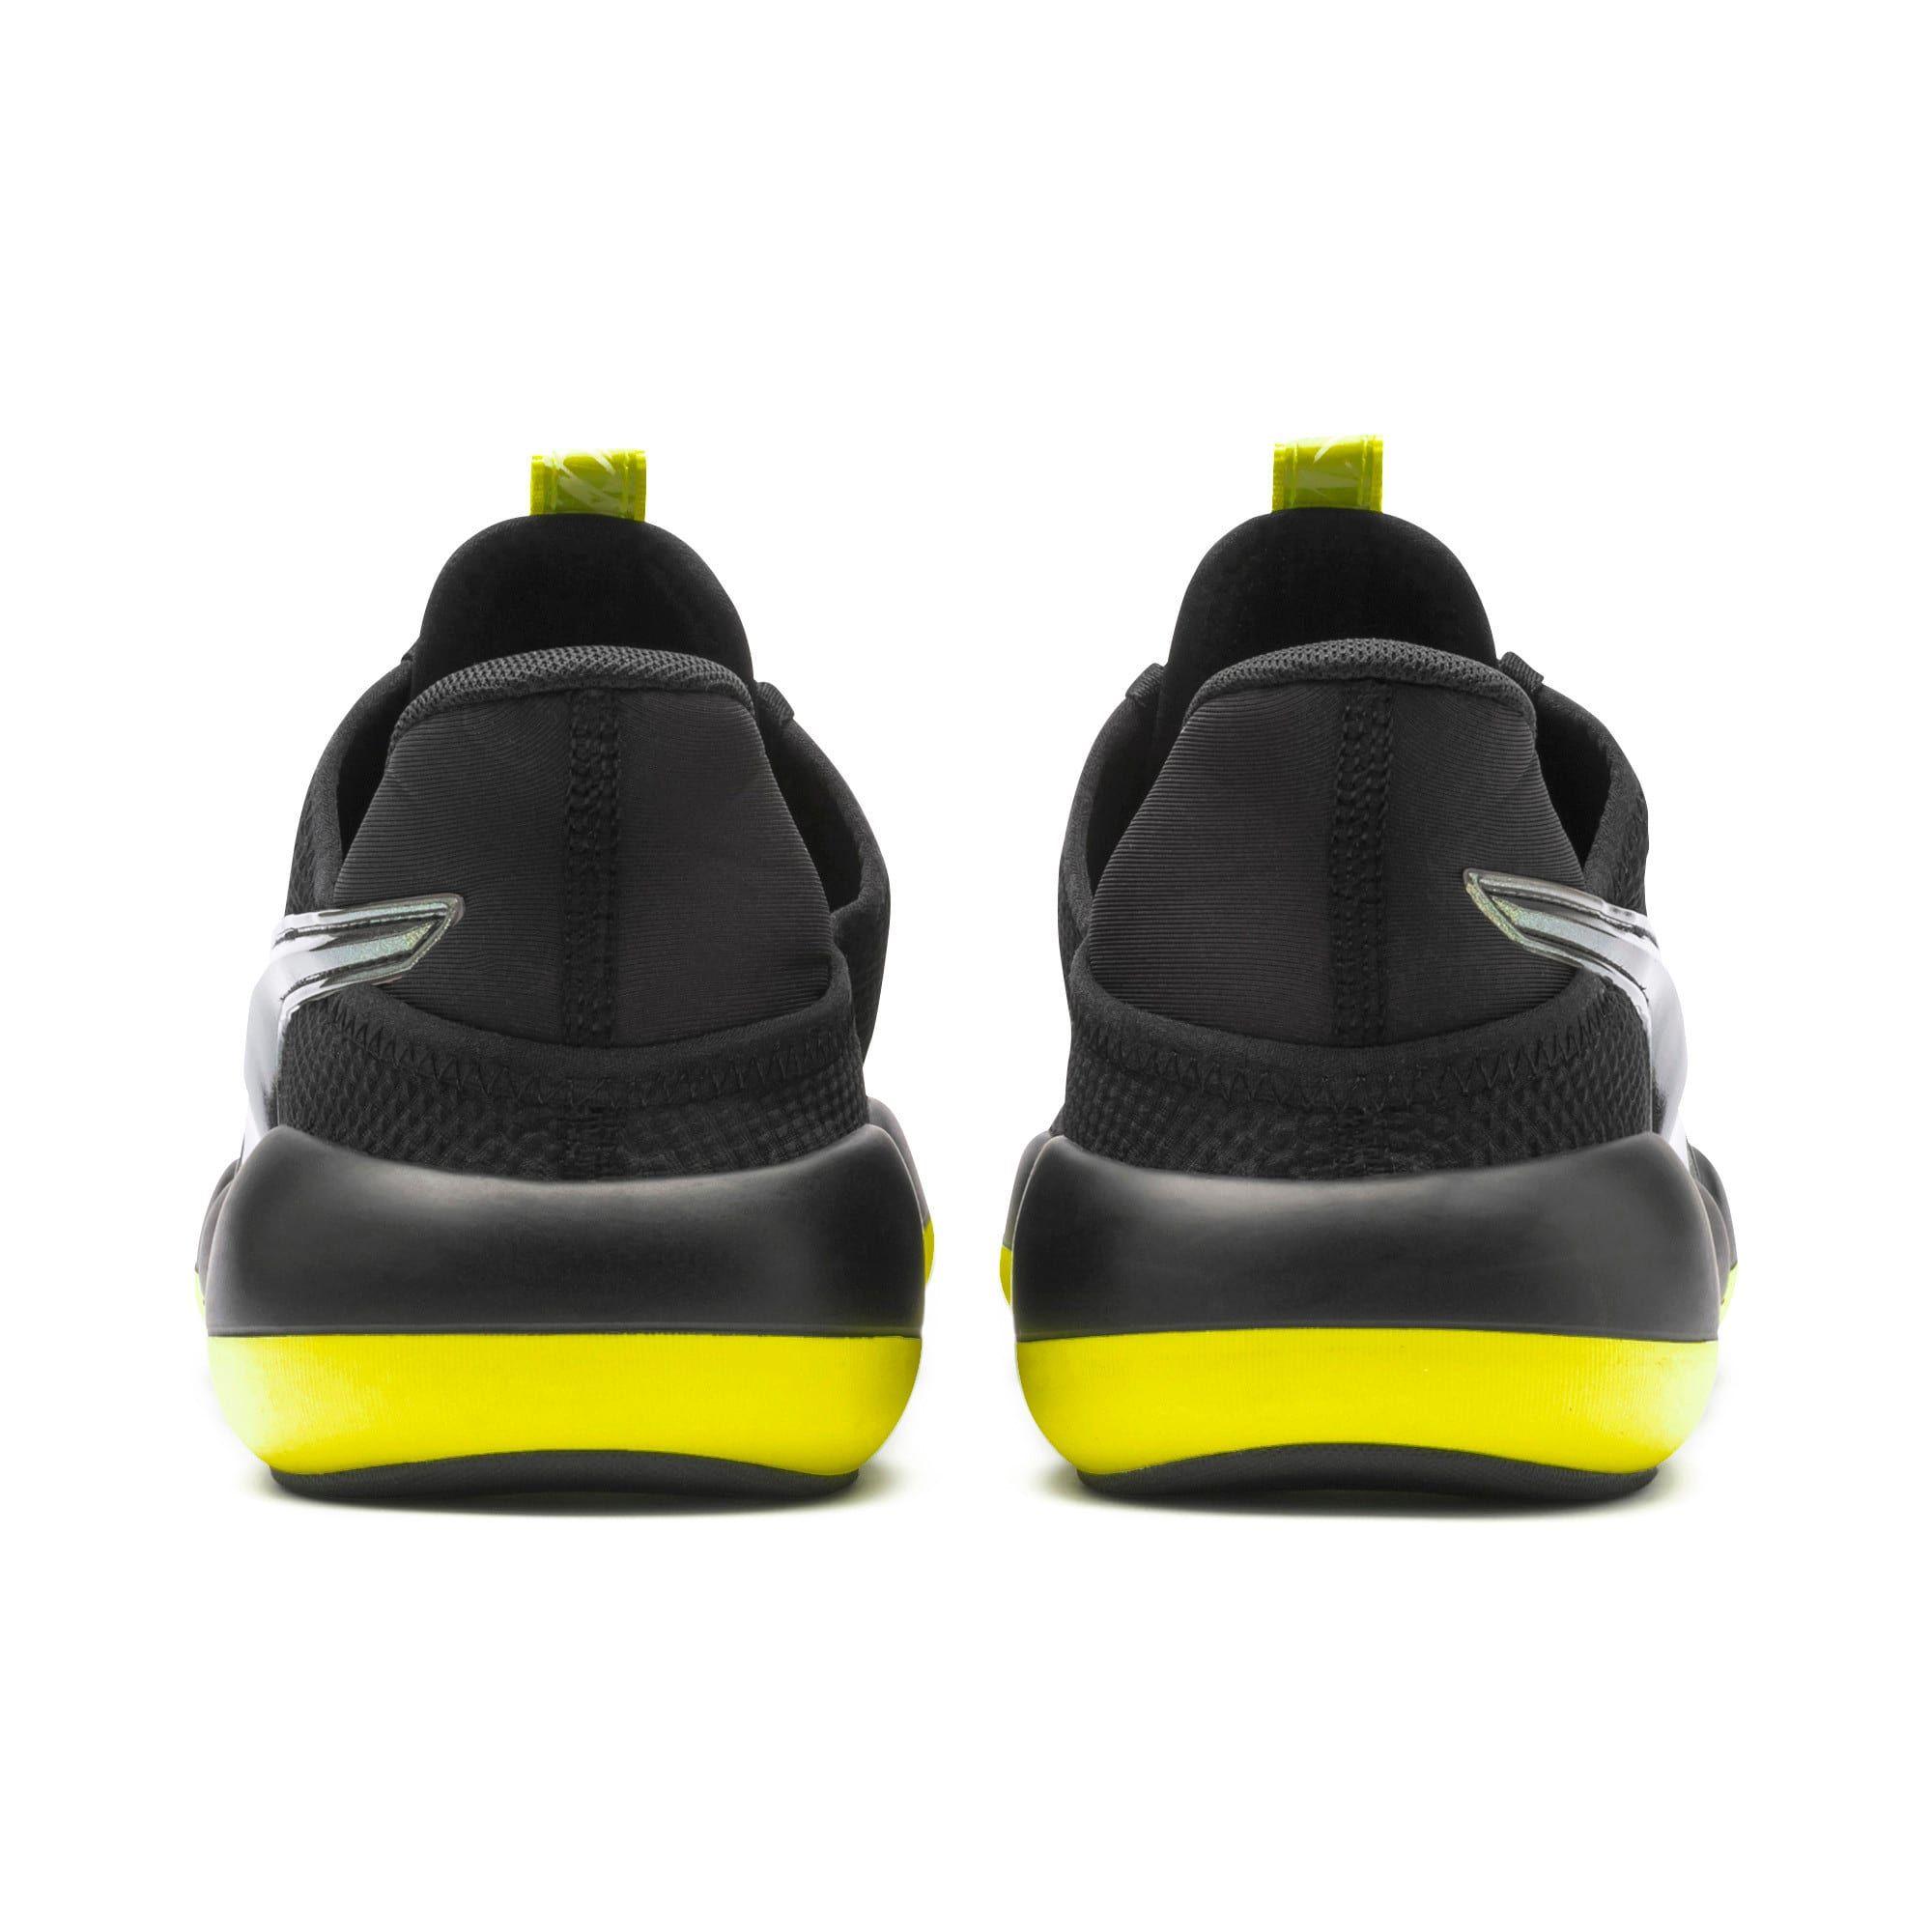 puma mode xt yellow